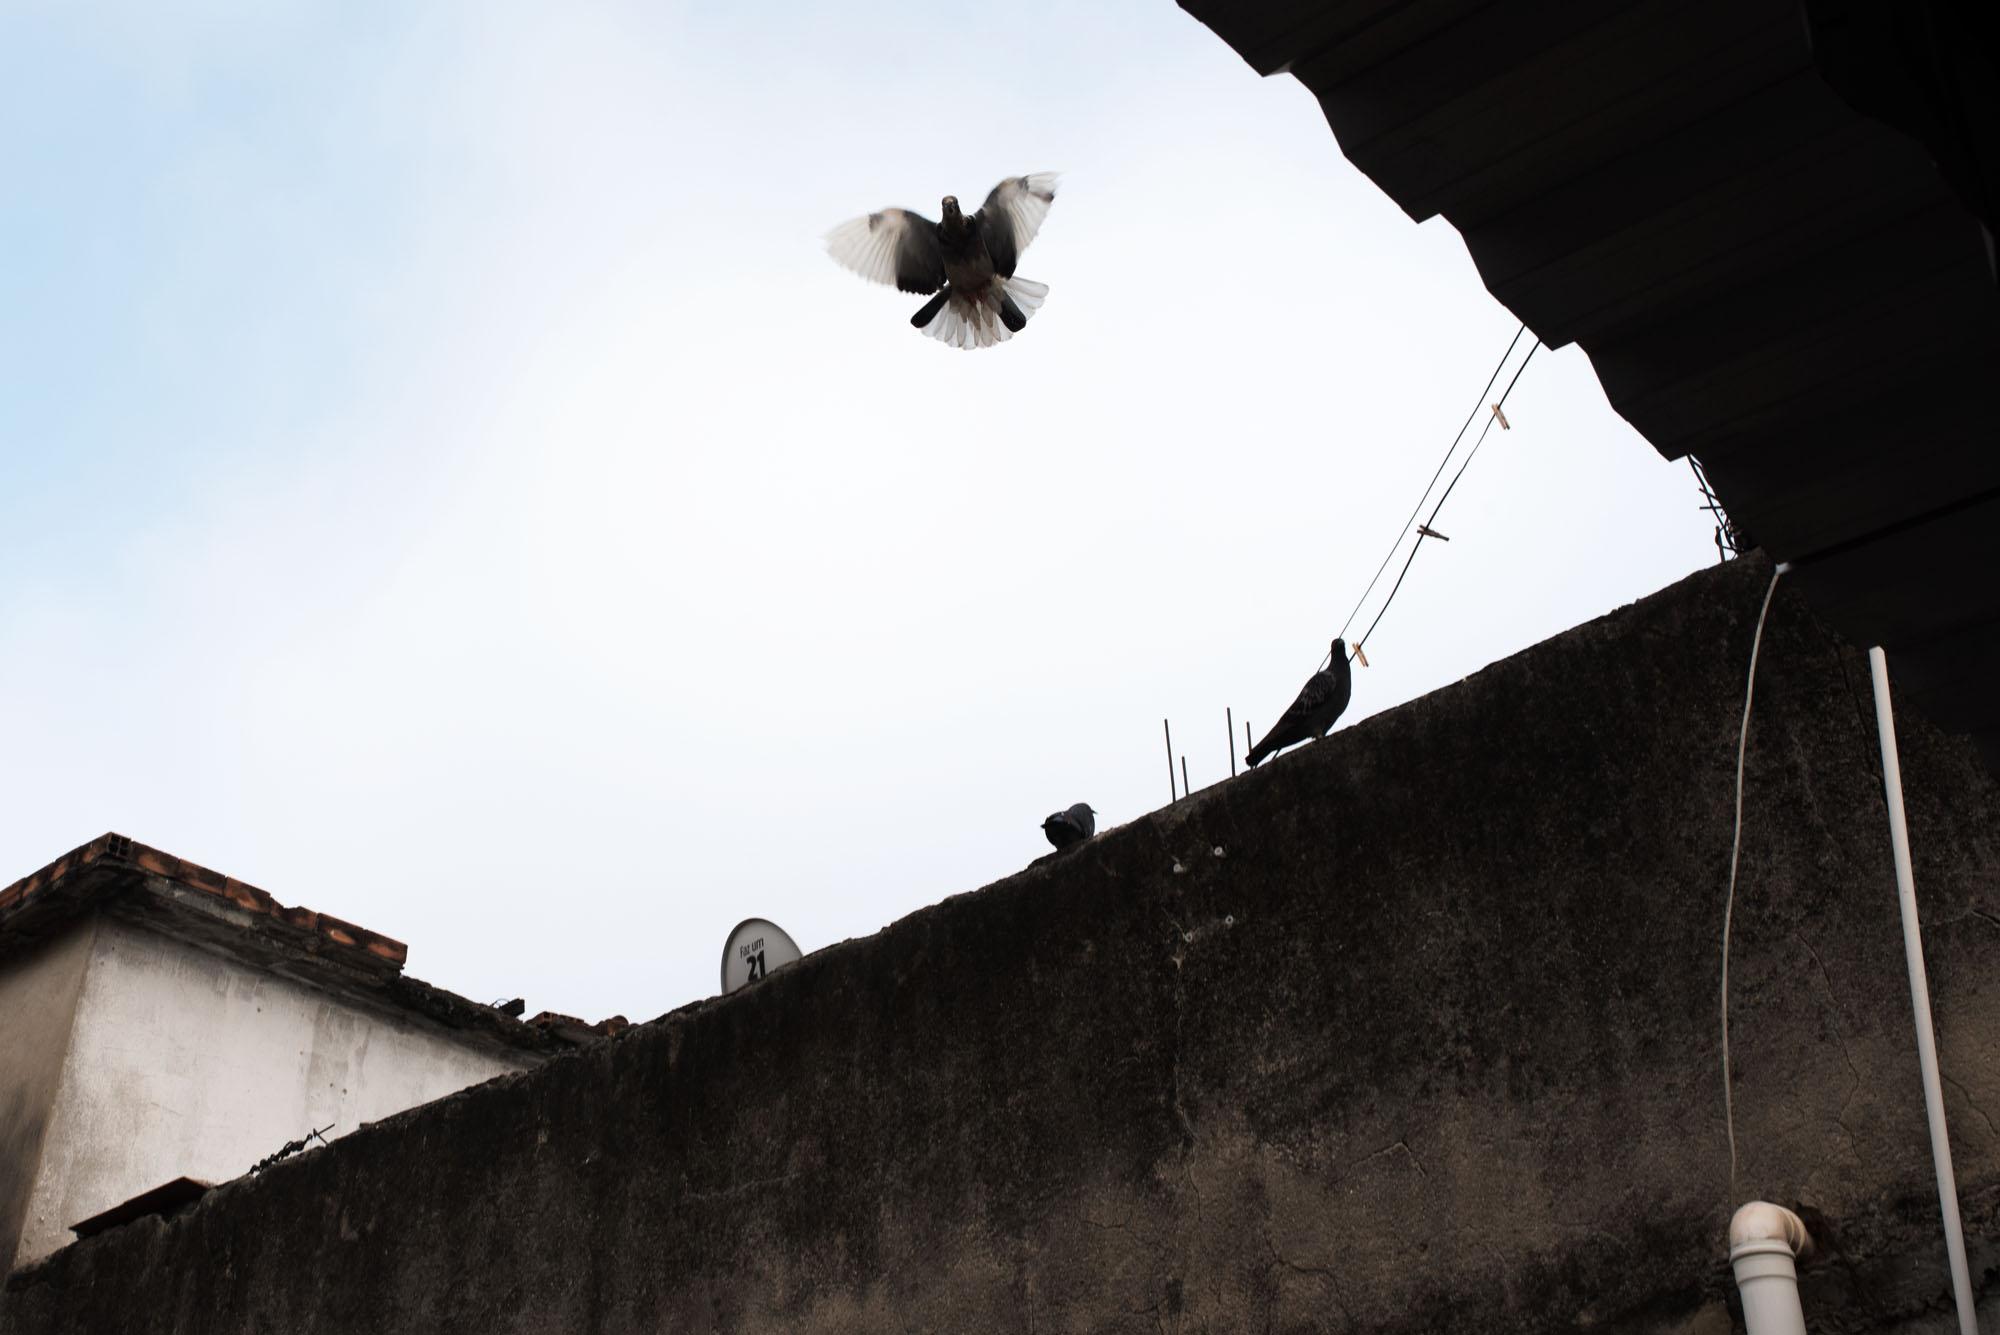 Sabine van Wechem - fotoreeks Fica Suave - Vila Cruzeiro favela - Rio de Janeiro - duiven